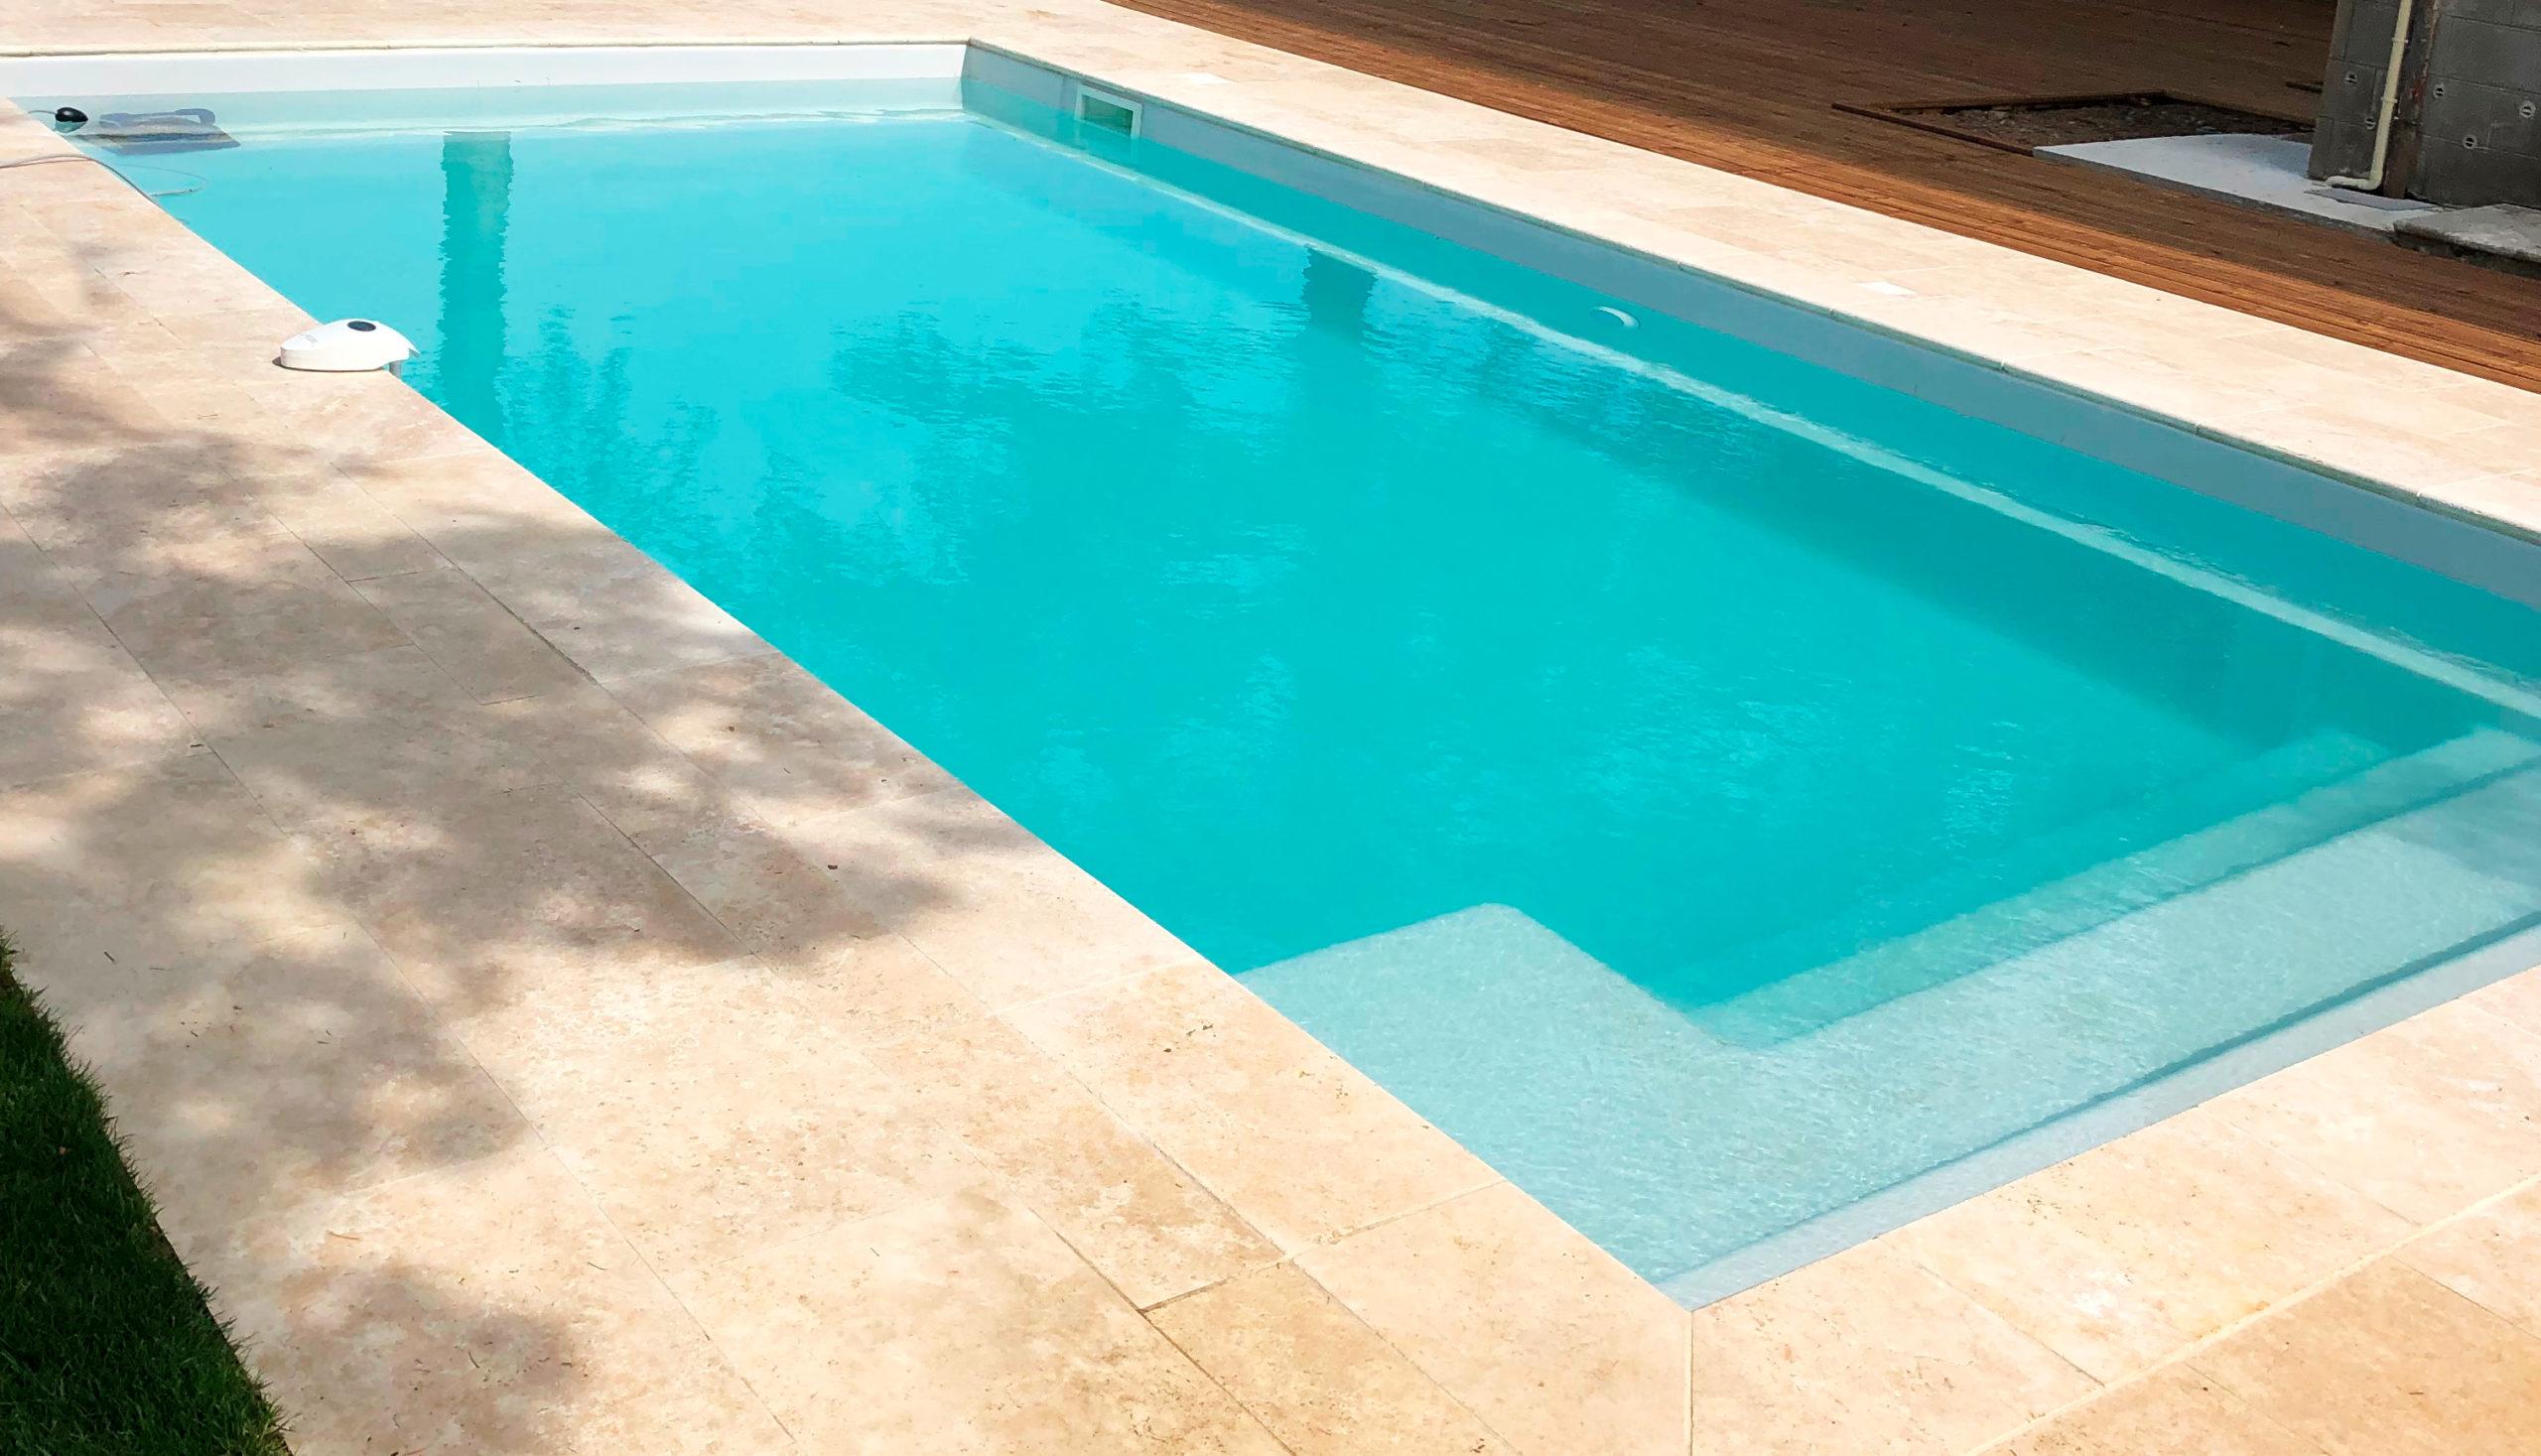 finitions d'une installation d'une piscine coque